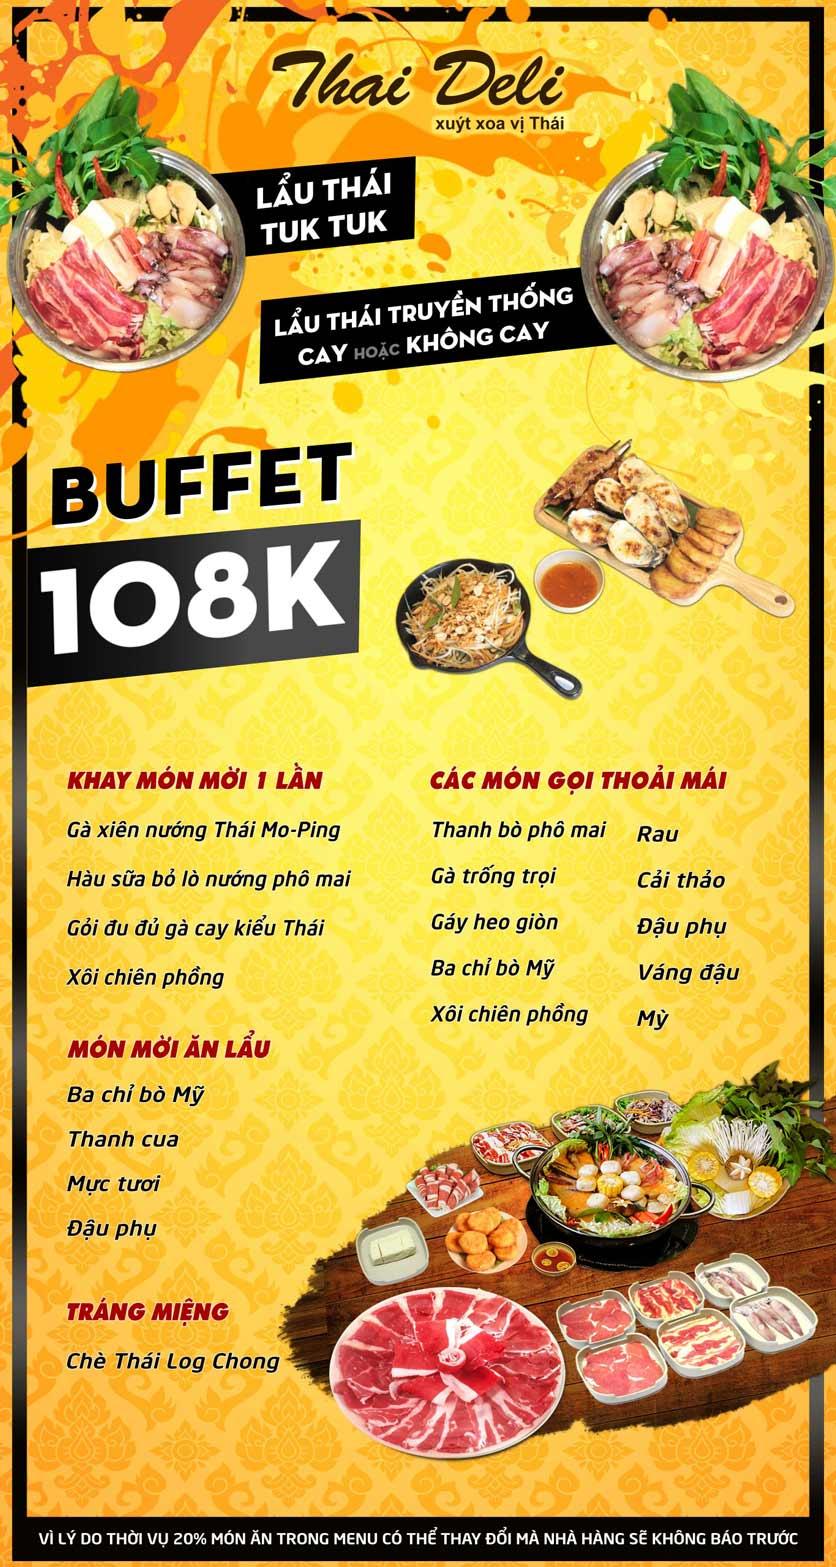 Menu Thai Deli - Buffet Lẩu Thái Hải sản - Hàm Nghi 1